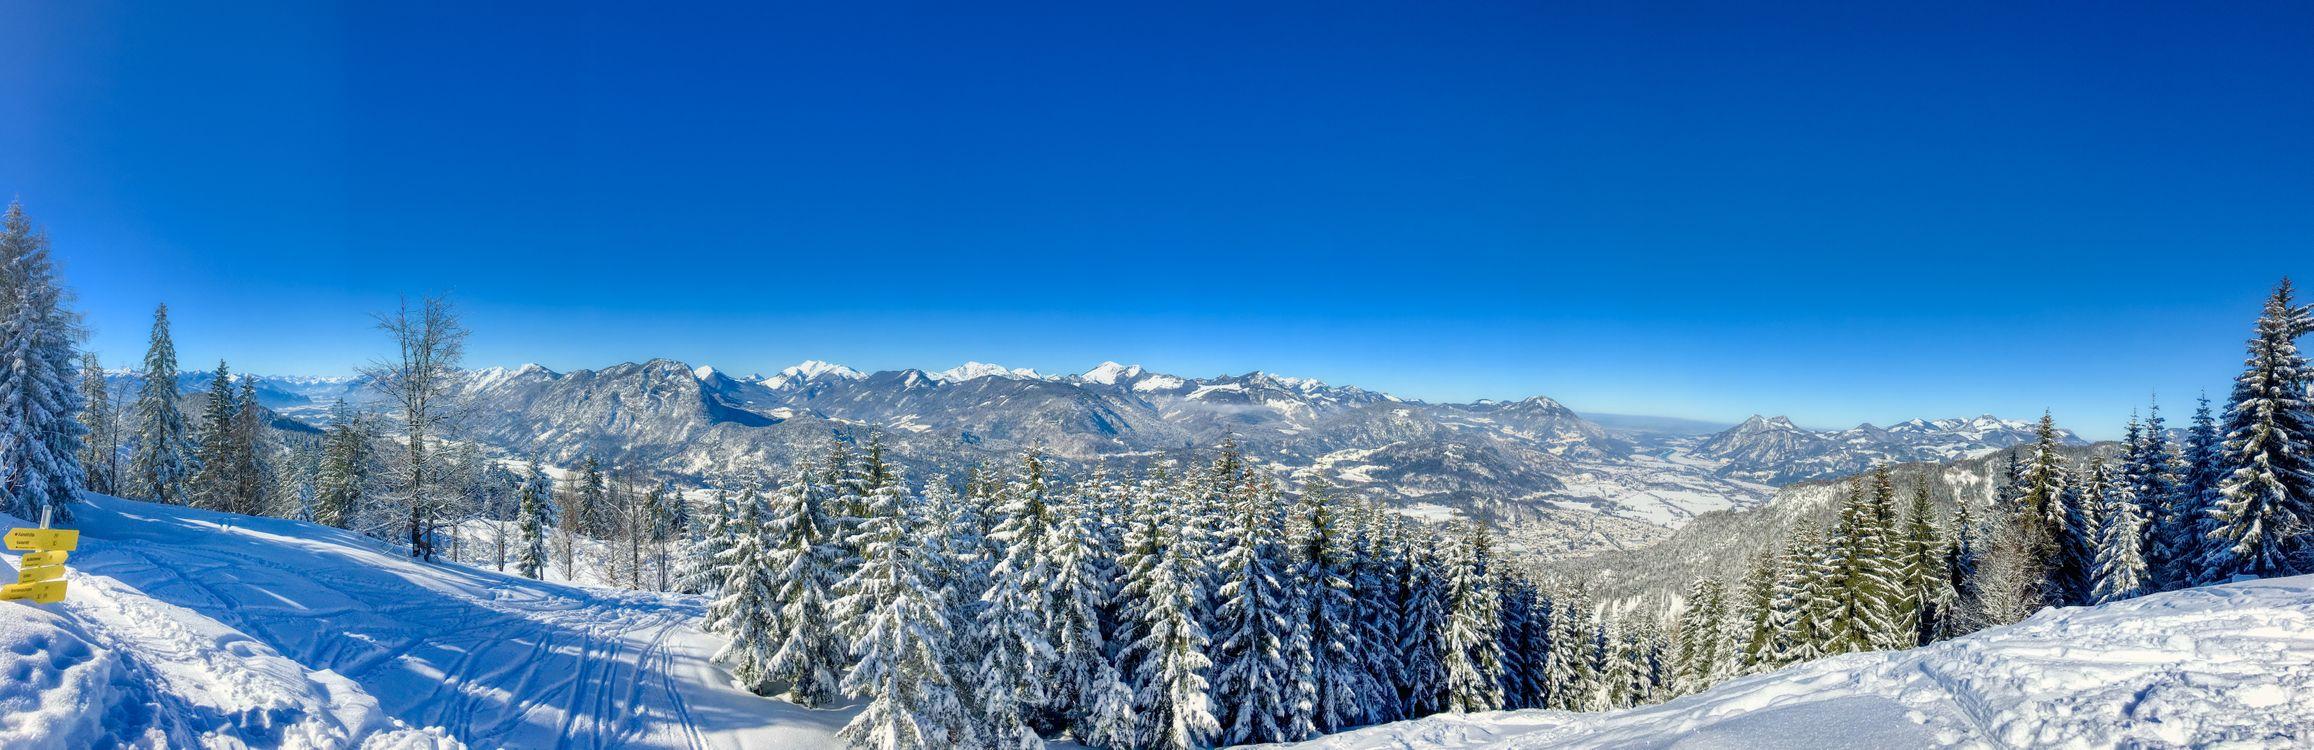 Фото бесплатно Зимняя панорама долины Кайзер и горы Кайзер вблизи Куфштайн, Тироль, Австрия - на рабочий стол